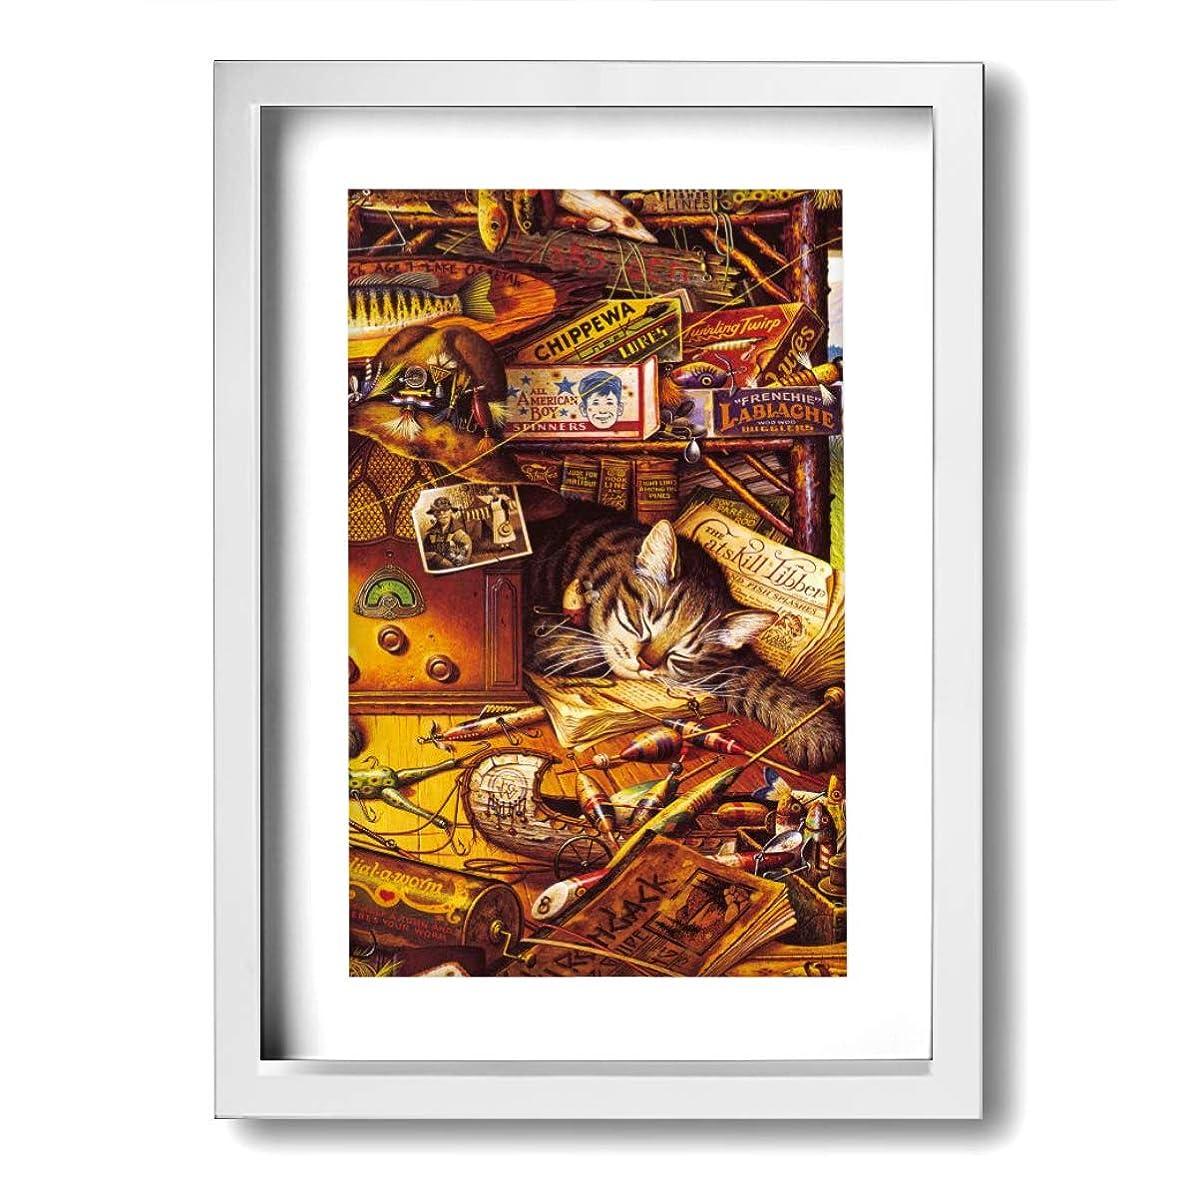 徐々にレッスン第四ホームデコレーション 壁の芸術 ボヘミアン猫 かわいい ユーティリティルーム モダンアート キャンバス絵画 リビングルーム 額縁付きの完成品 絵画 軽くて取り付けやすい (木枠付22x33 Cm)